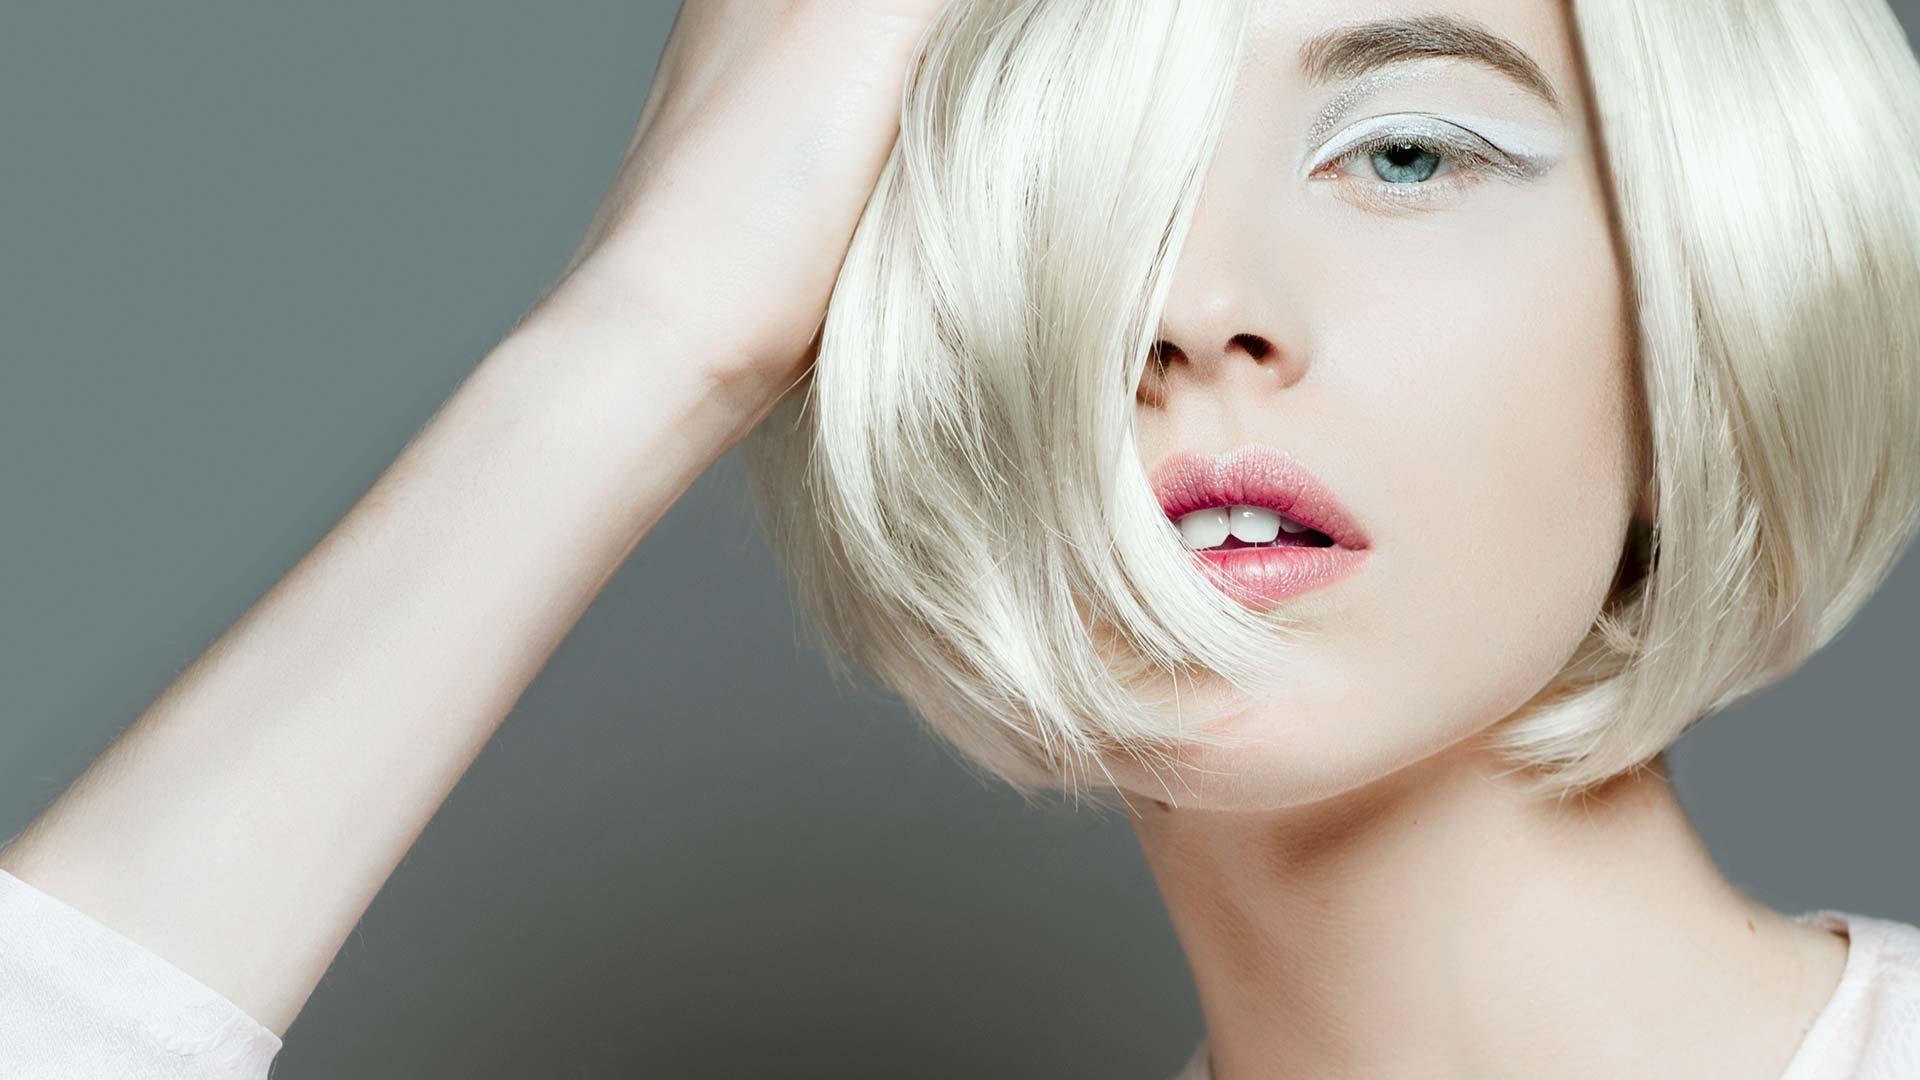 Подстричься лесенкой на длинные волосы фото является одним